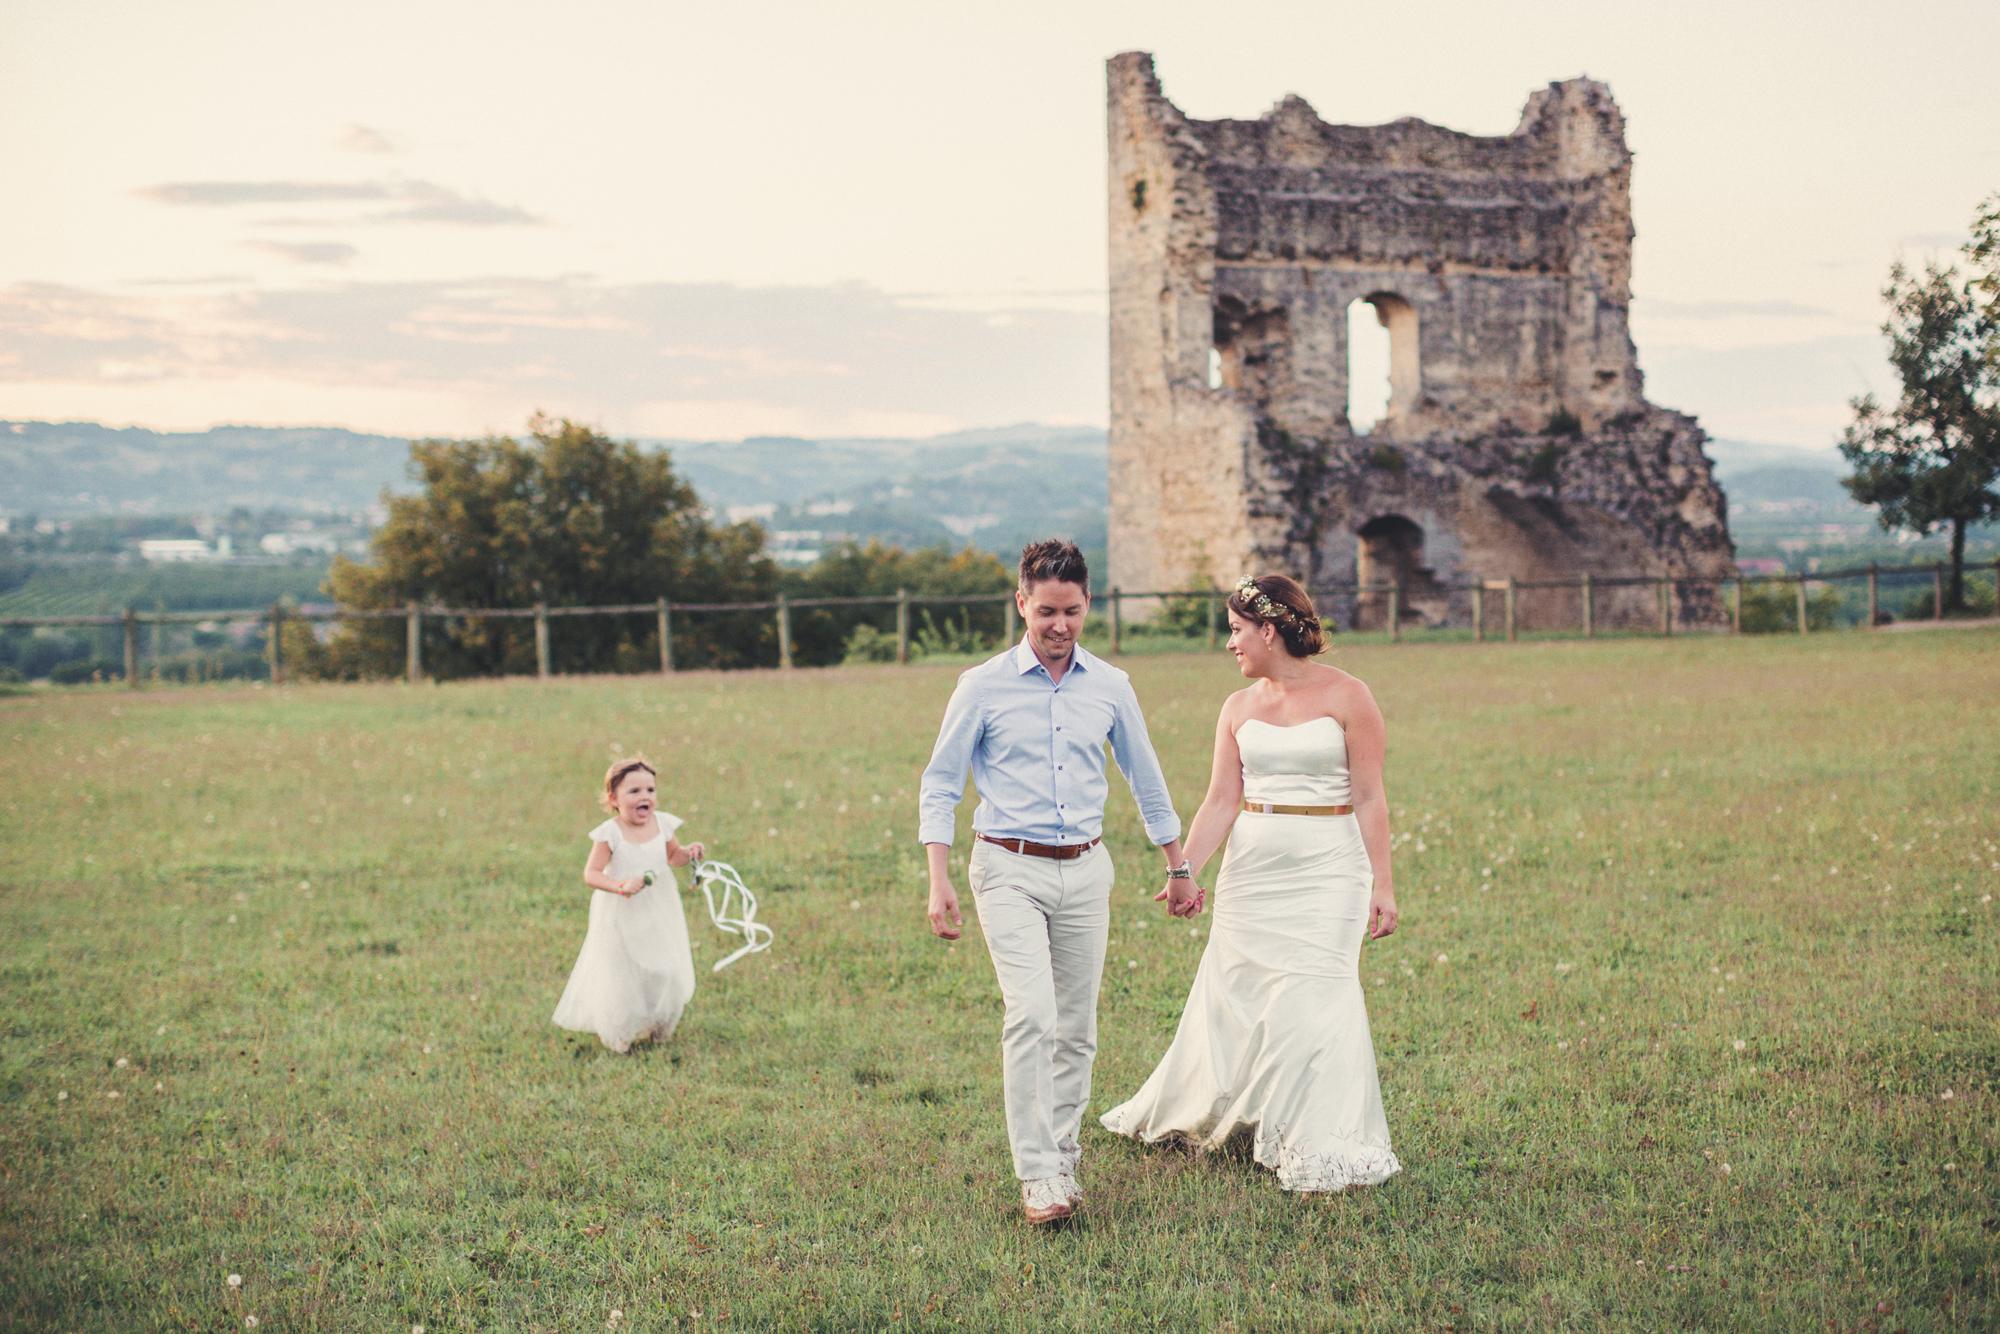 Mariage au couvent des Carmes @Anne-Claire Brun 0131